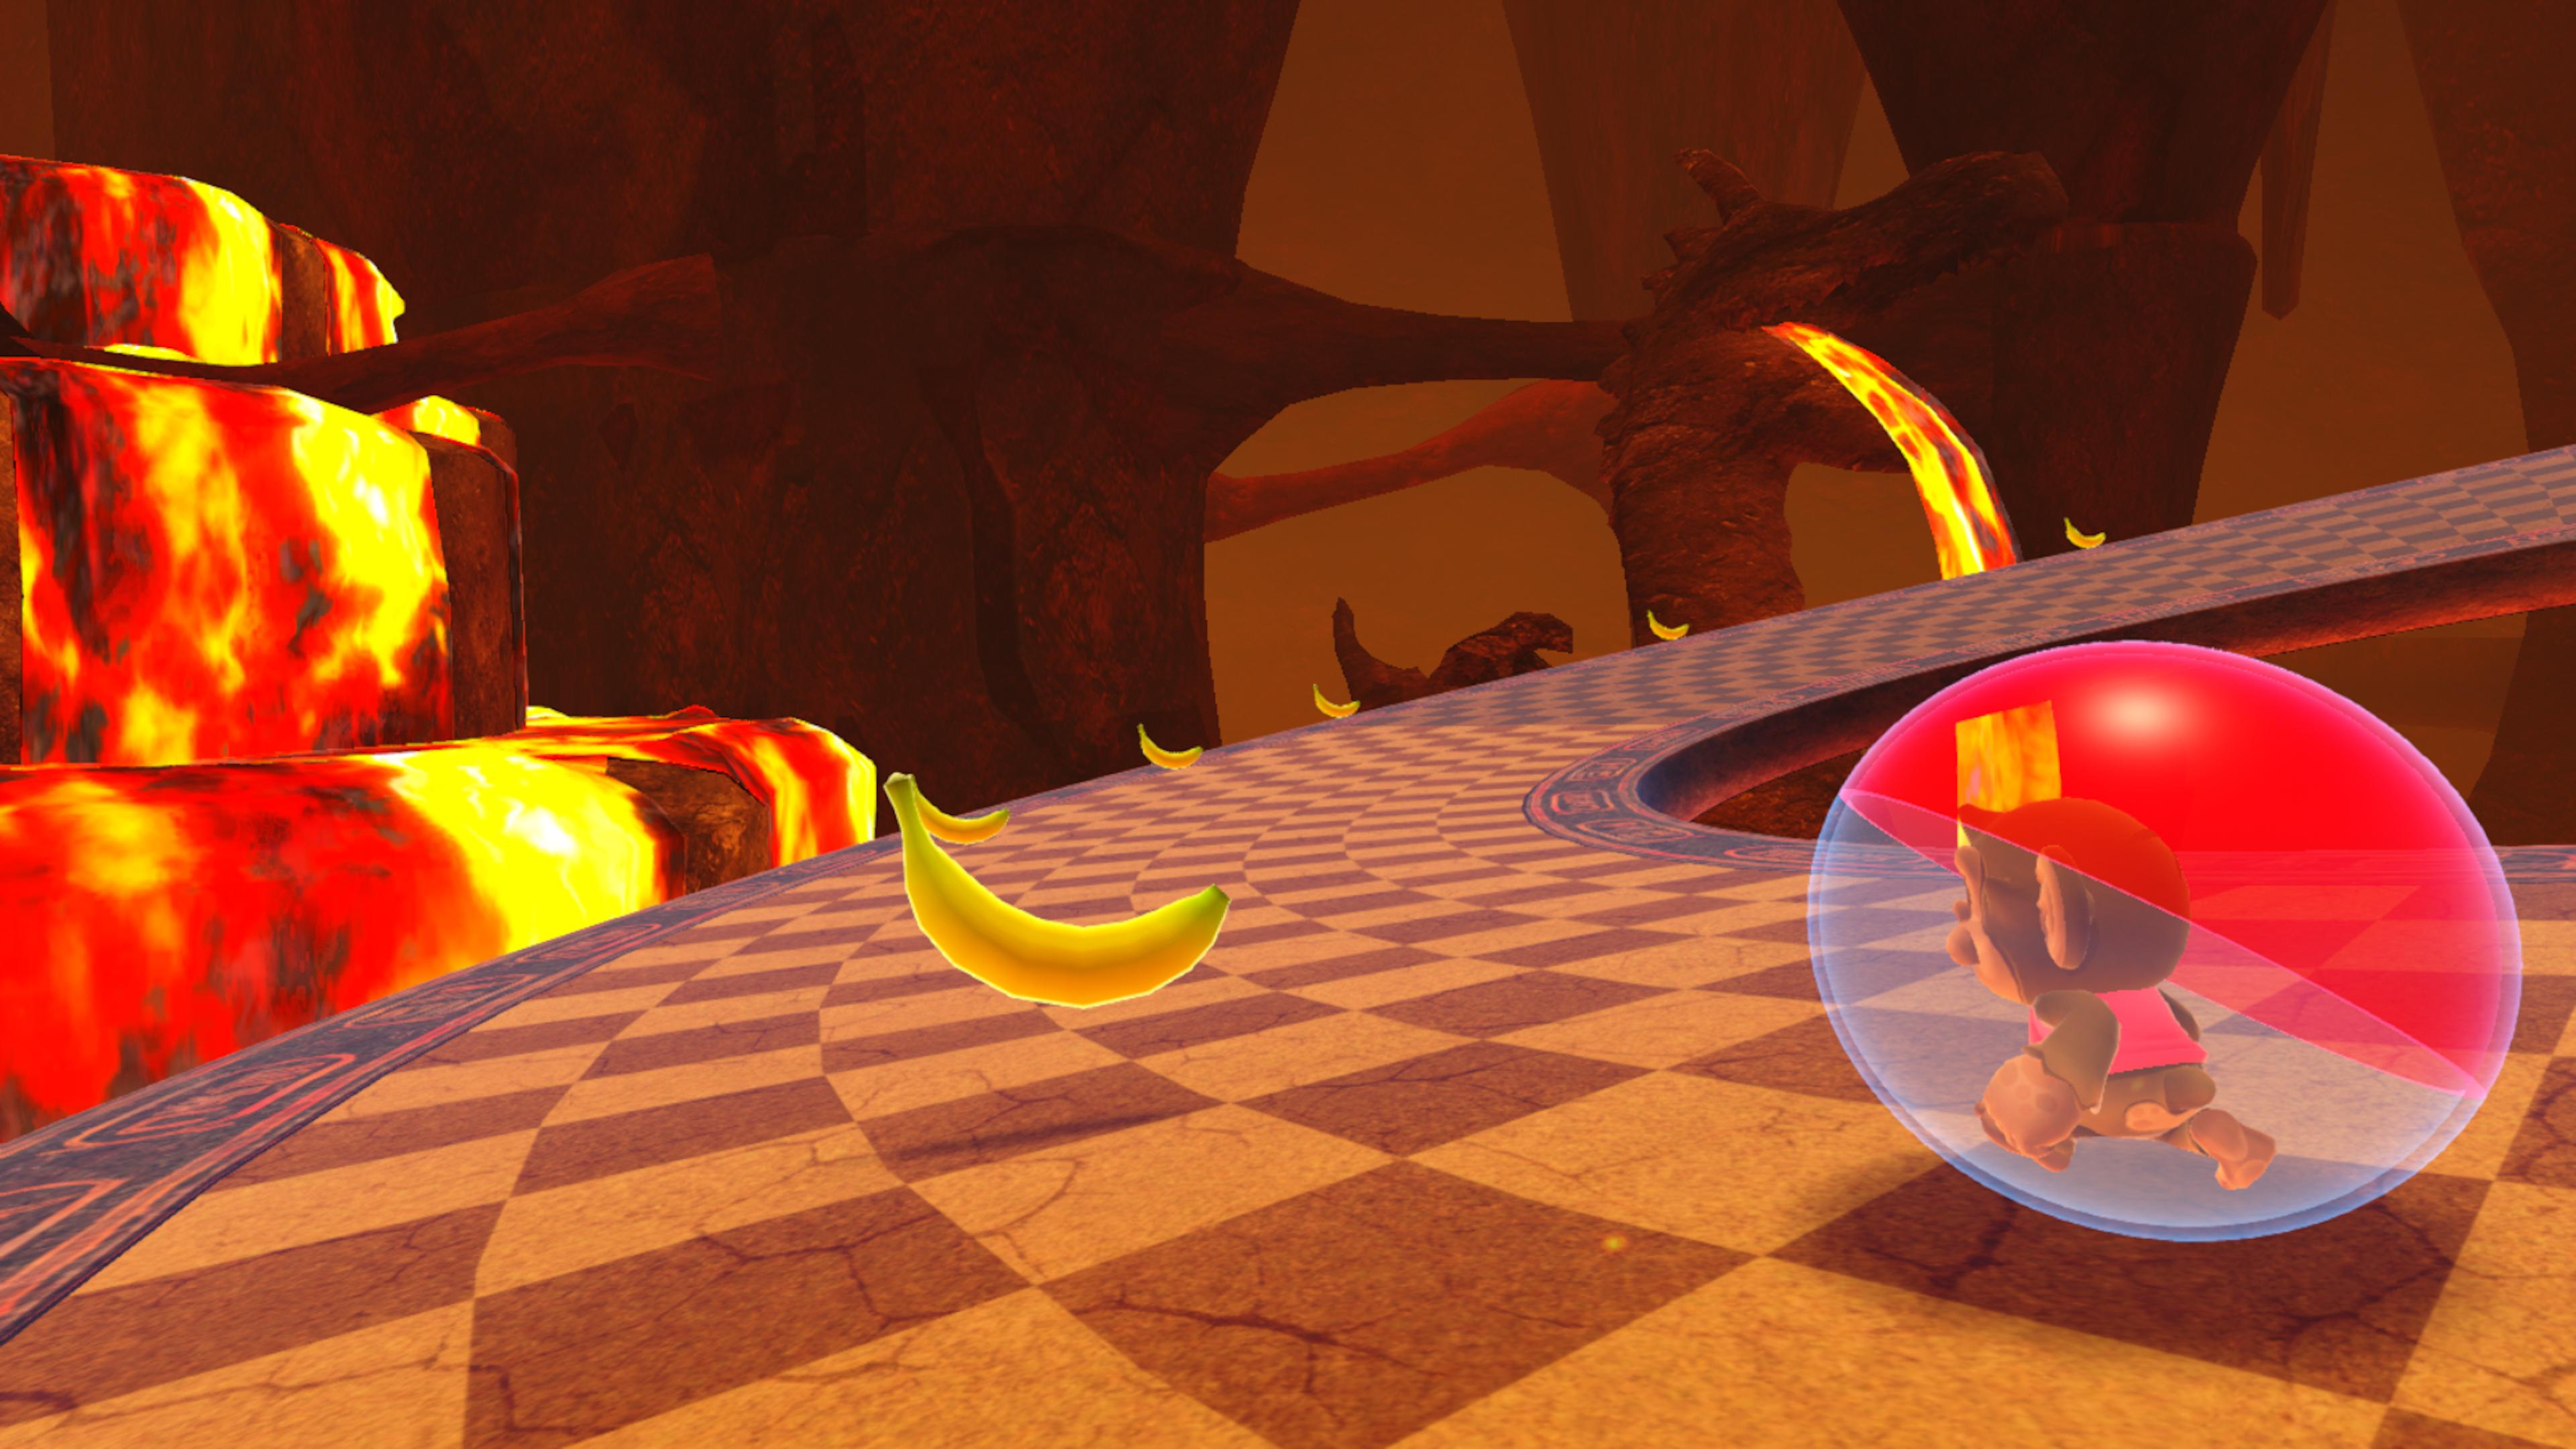 Скриншот №3 к Super Monkey Ball Banana Mania PS4 and PS5